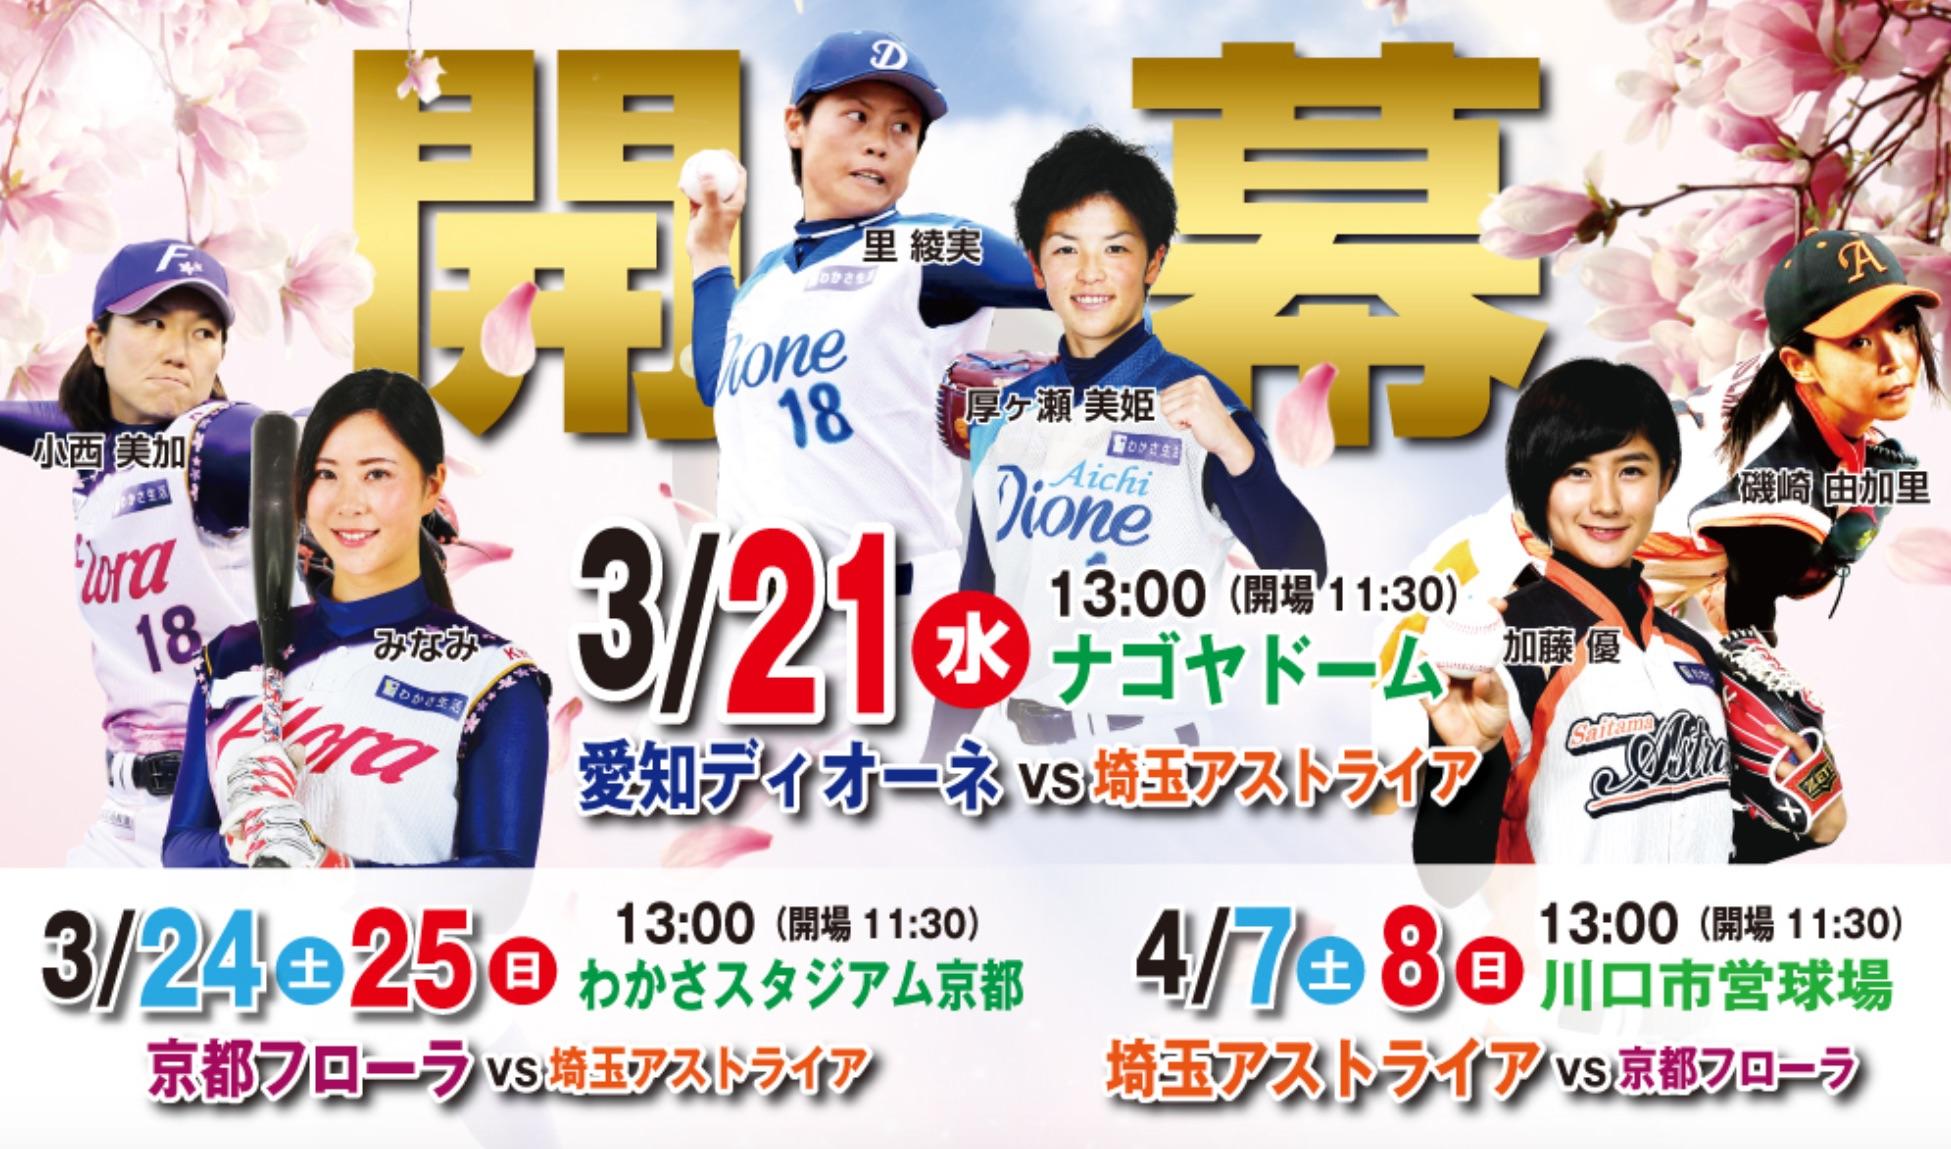 球春到来!女子プロ野球も開幕を迎えますが、気になる選手は二刀流の加藤優選手。